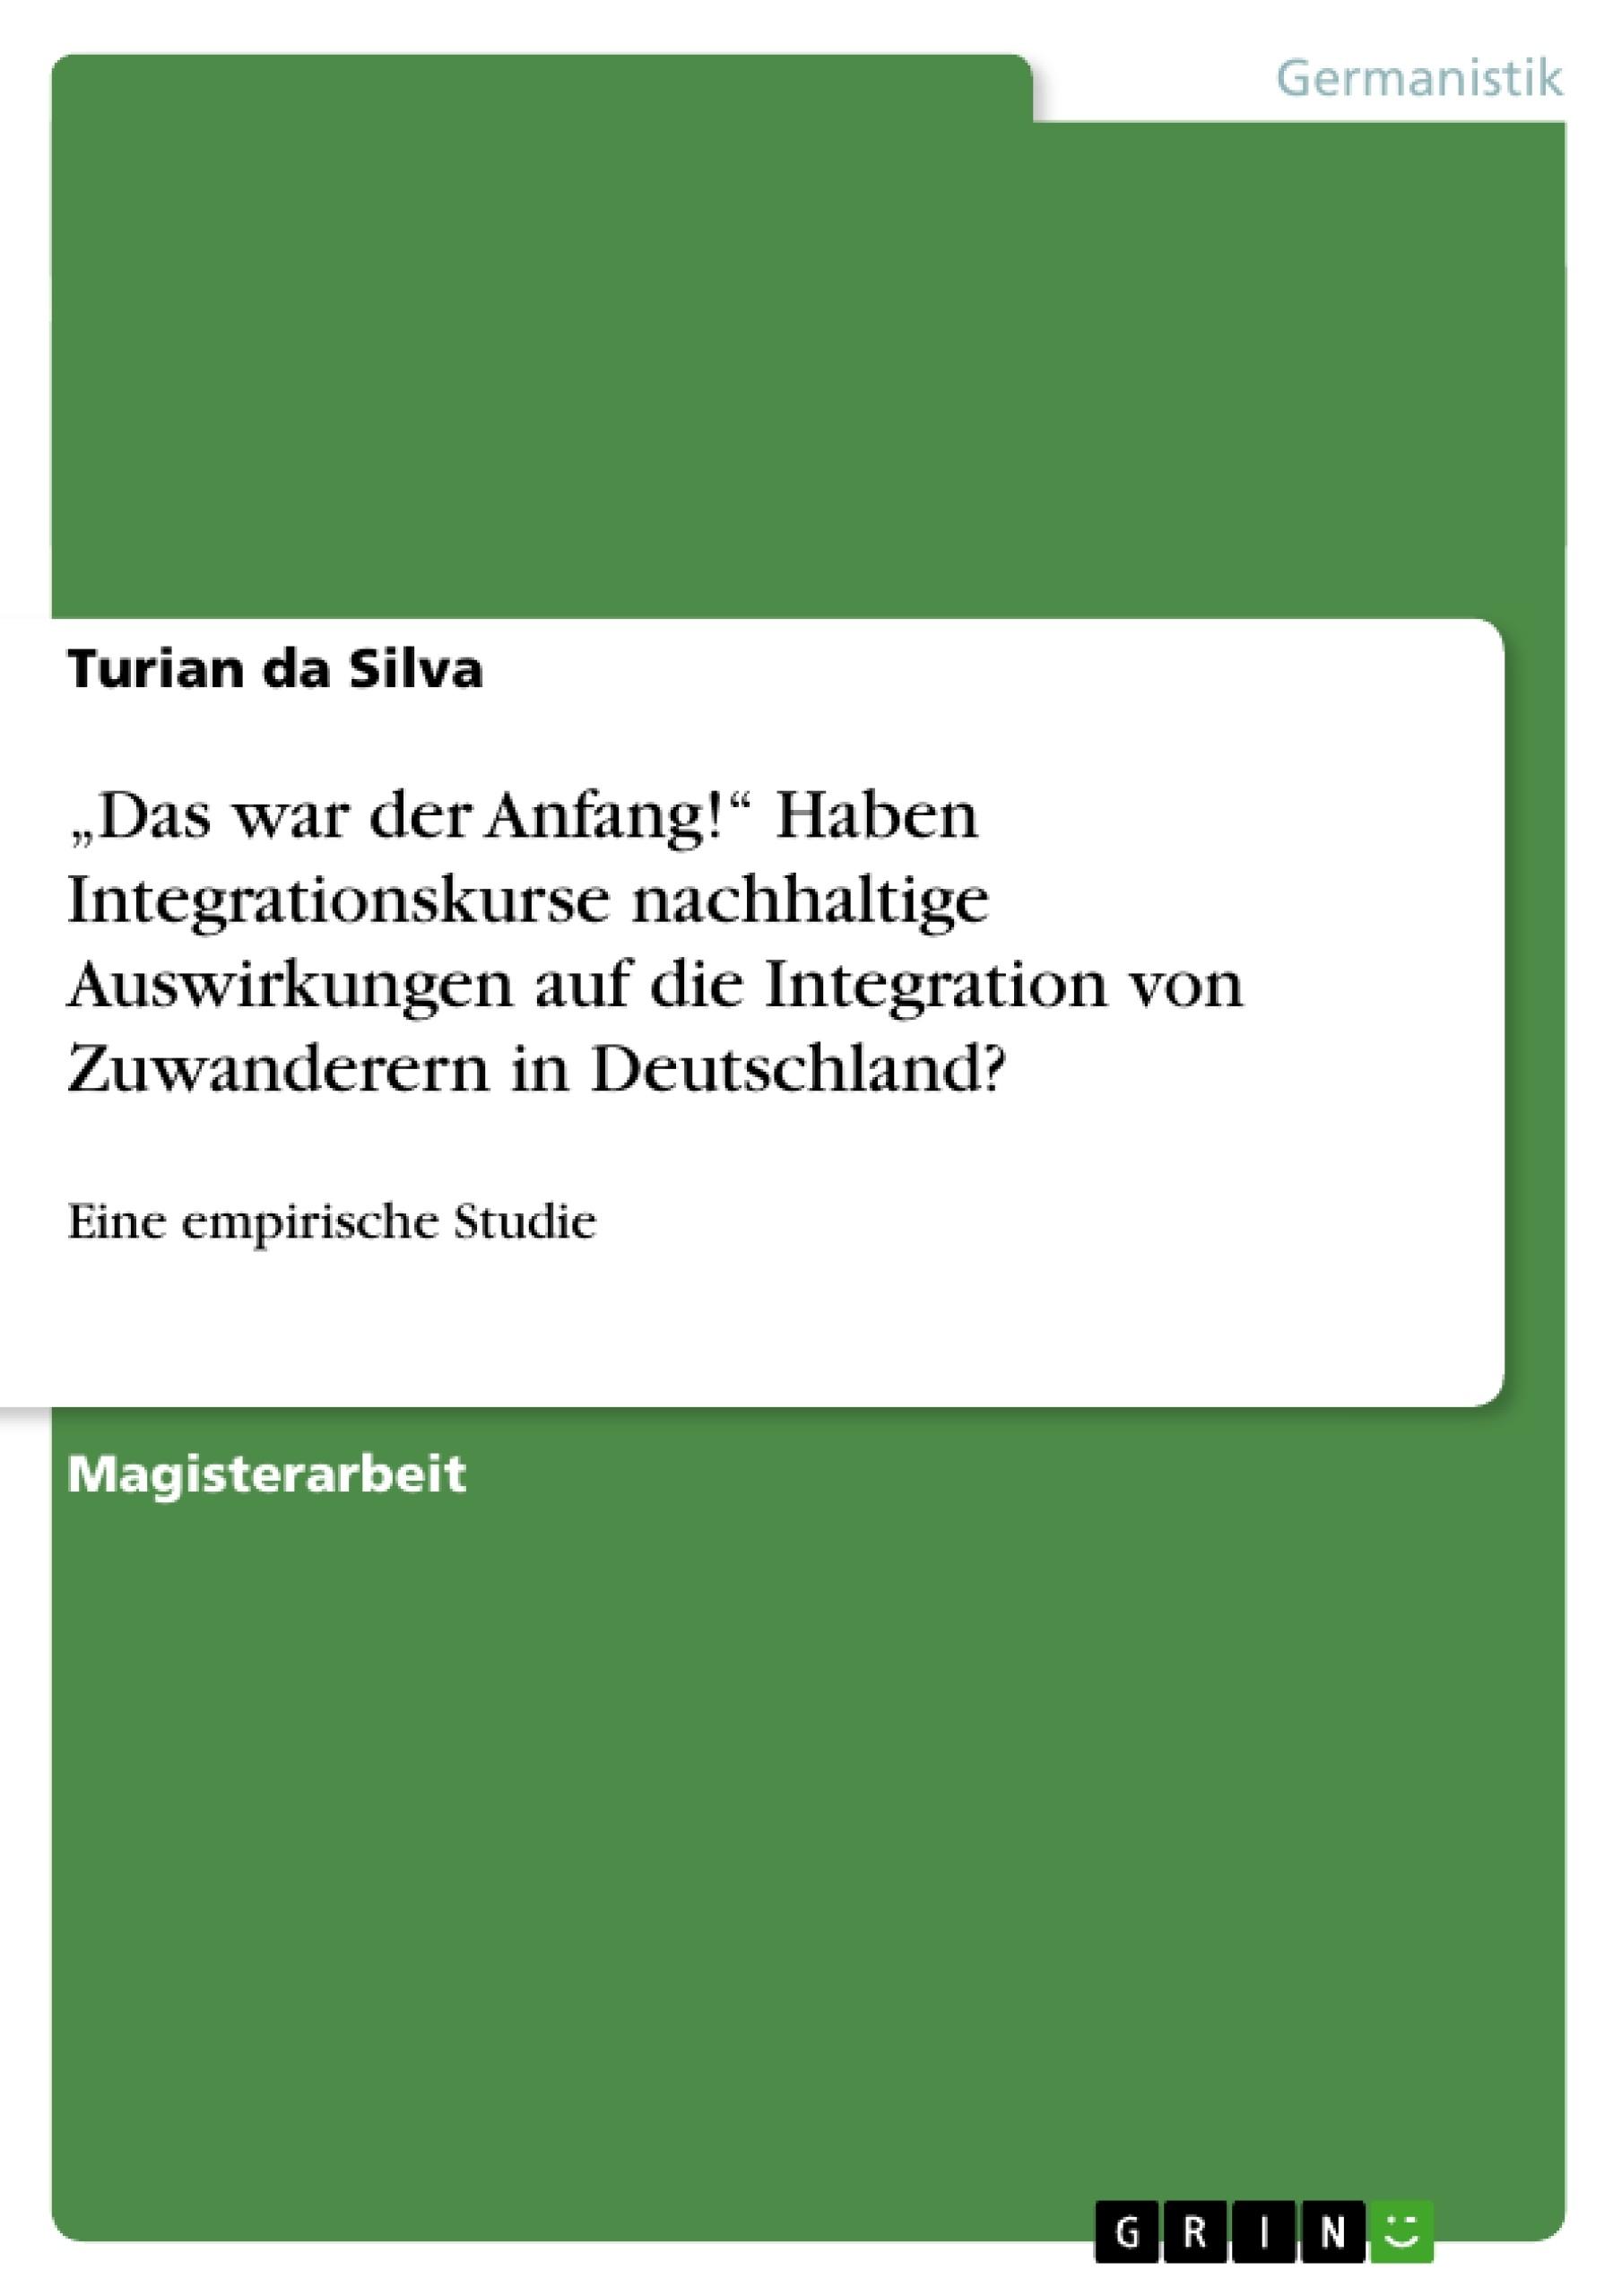 """Titel: """"Das war der Anfang!"""" Haben Integrationskurse nachhaltige Auswirkungen auf die Integration von Zuwanderern in Deutschland?"""